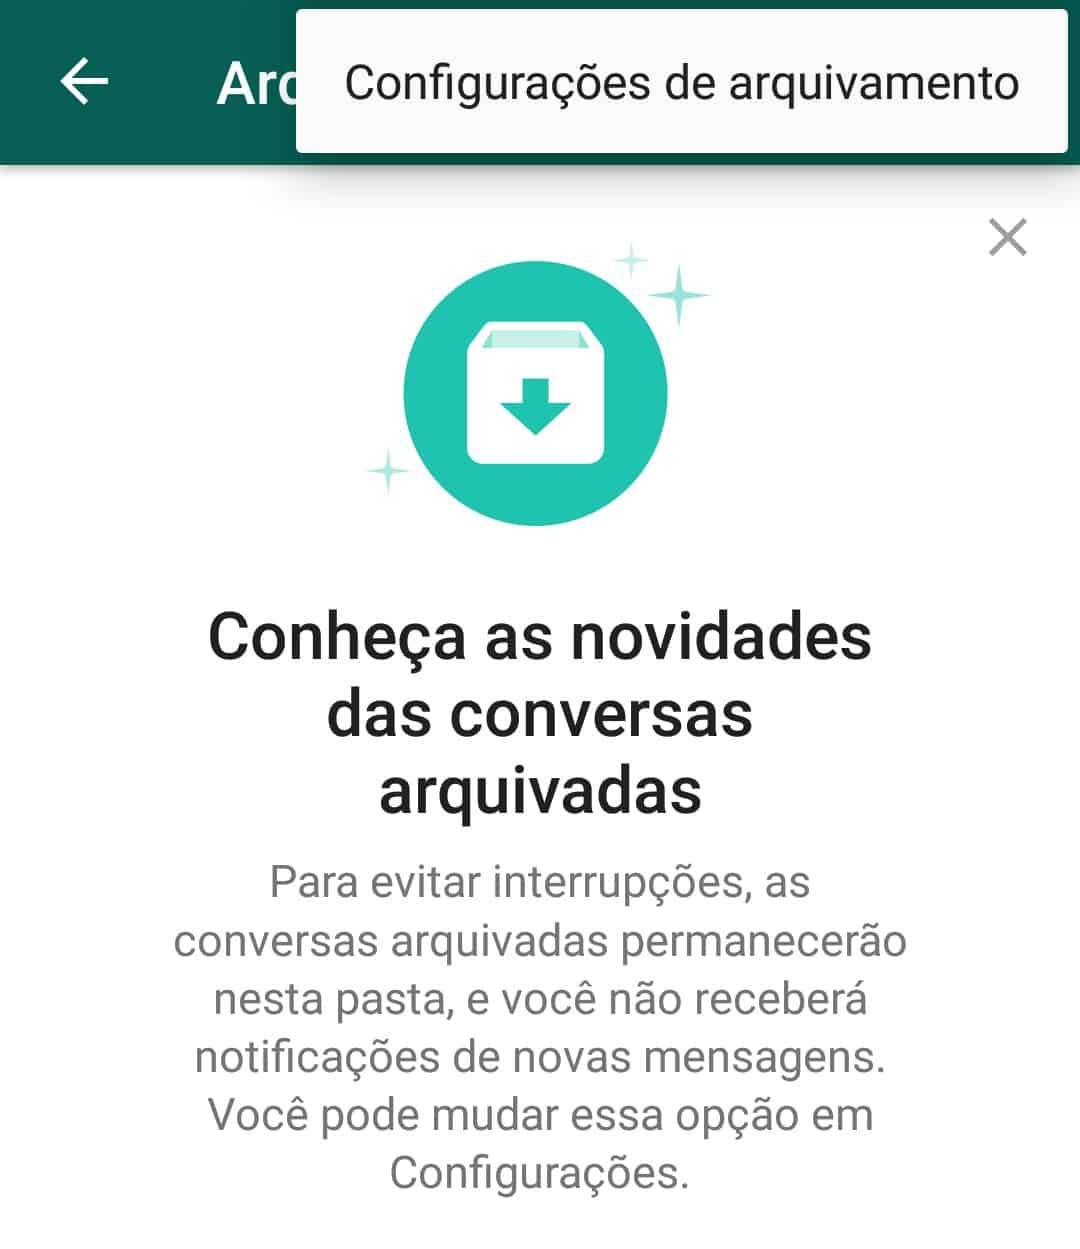 imagem 5 de WhatsApp como manter as conversas arquivadas permanentemente